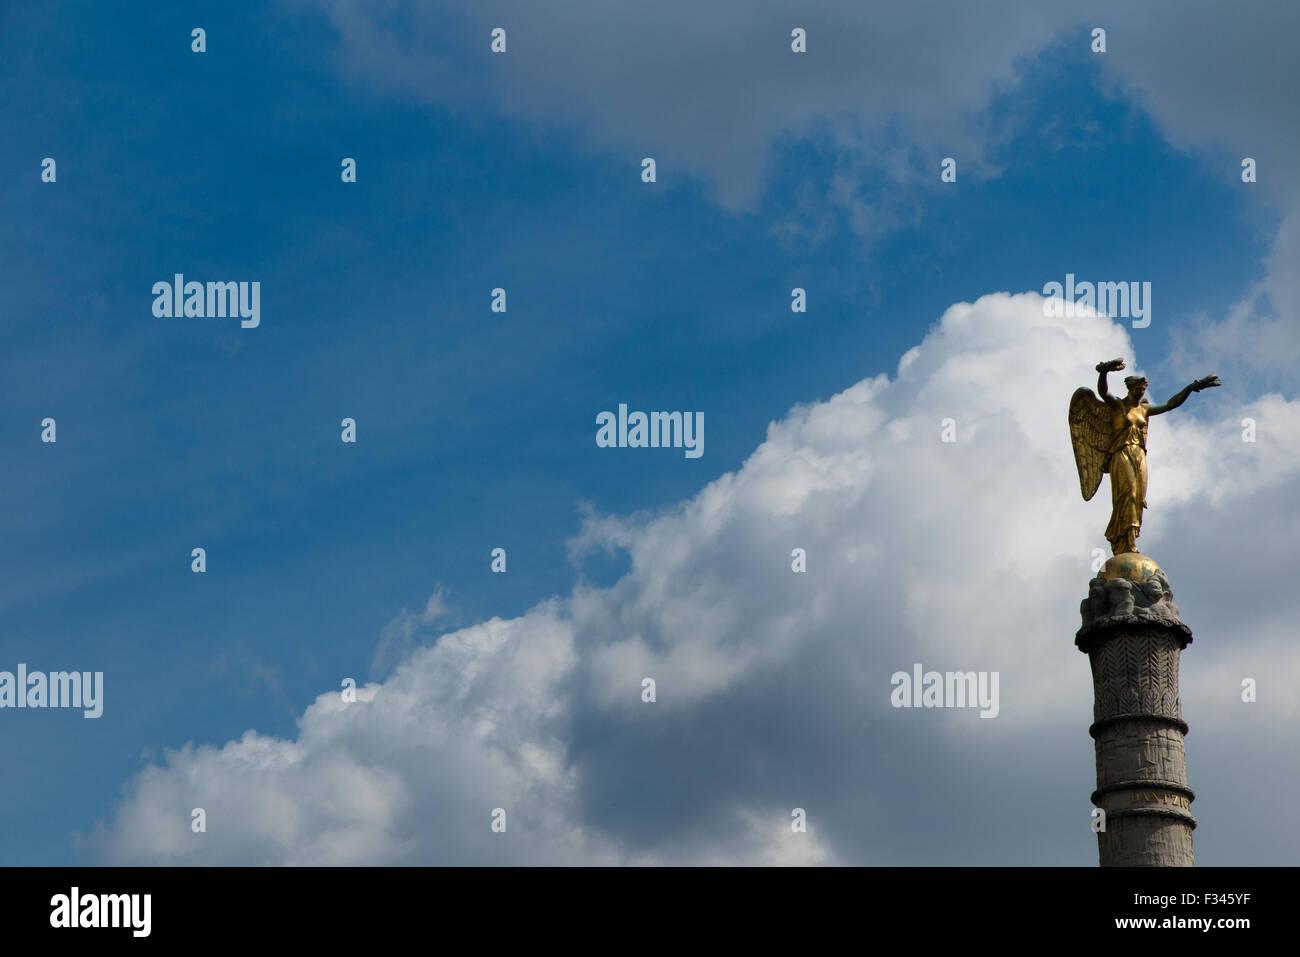 Statua sulla colonna, Place de la Bastille, Parigi, Francia Immagini Stock